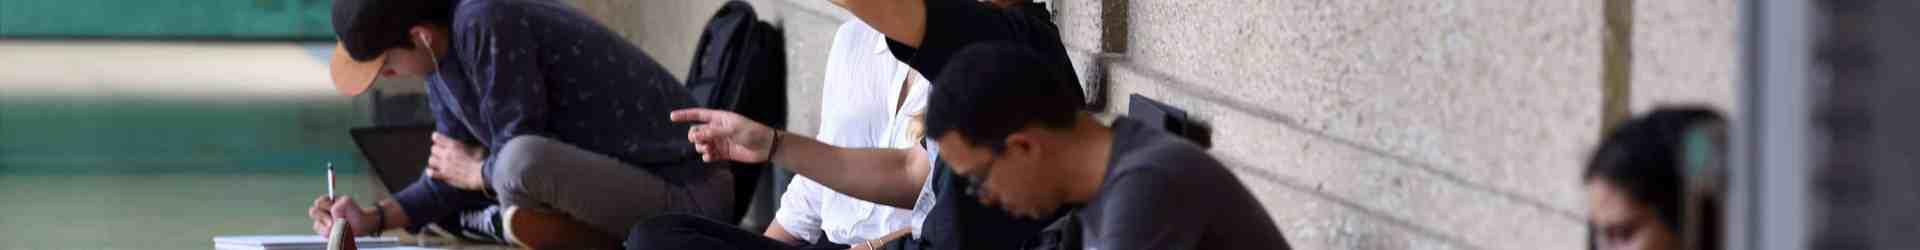 Freytes renuncia sin divulgar recortes ni informe de becas presidenciales UPR